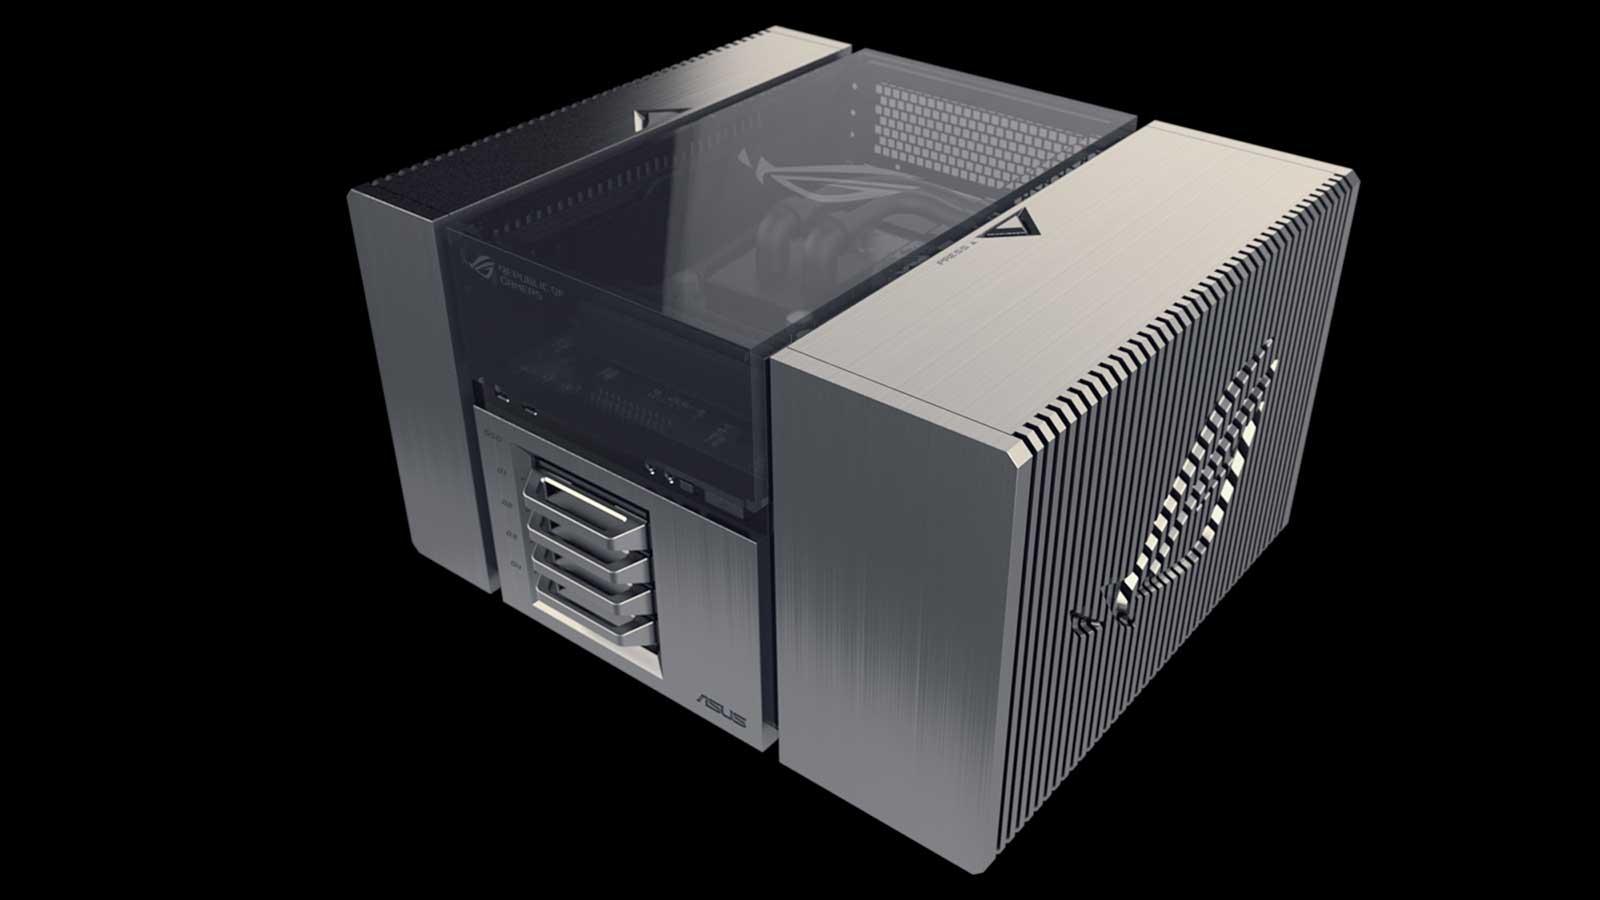 ASUS ROG AVALON GAMING PC